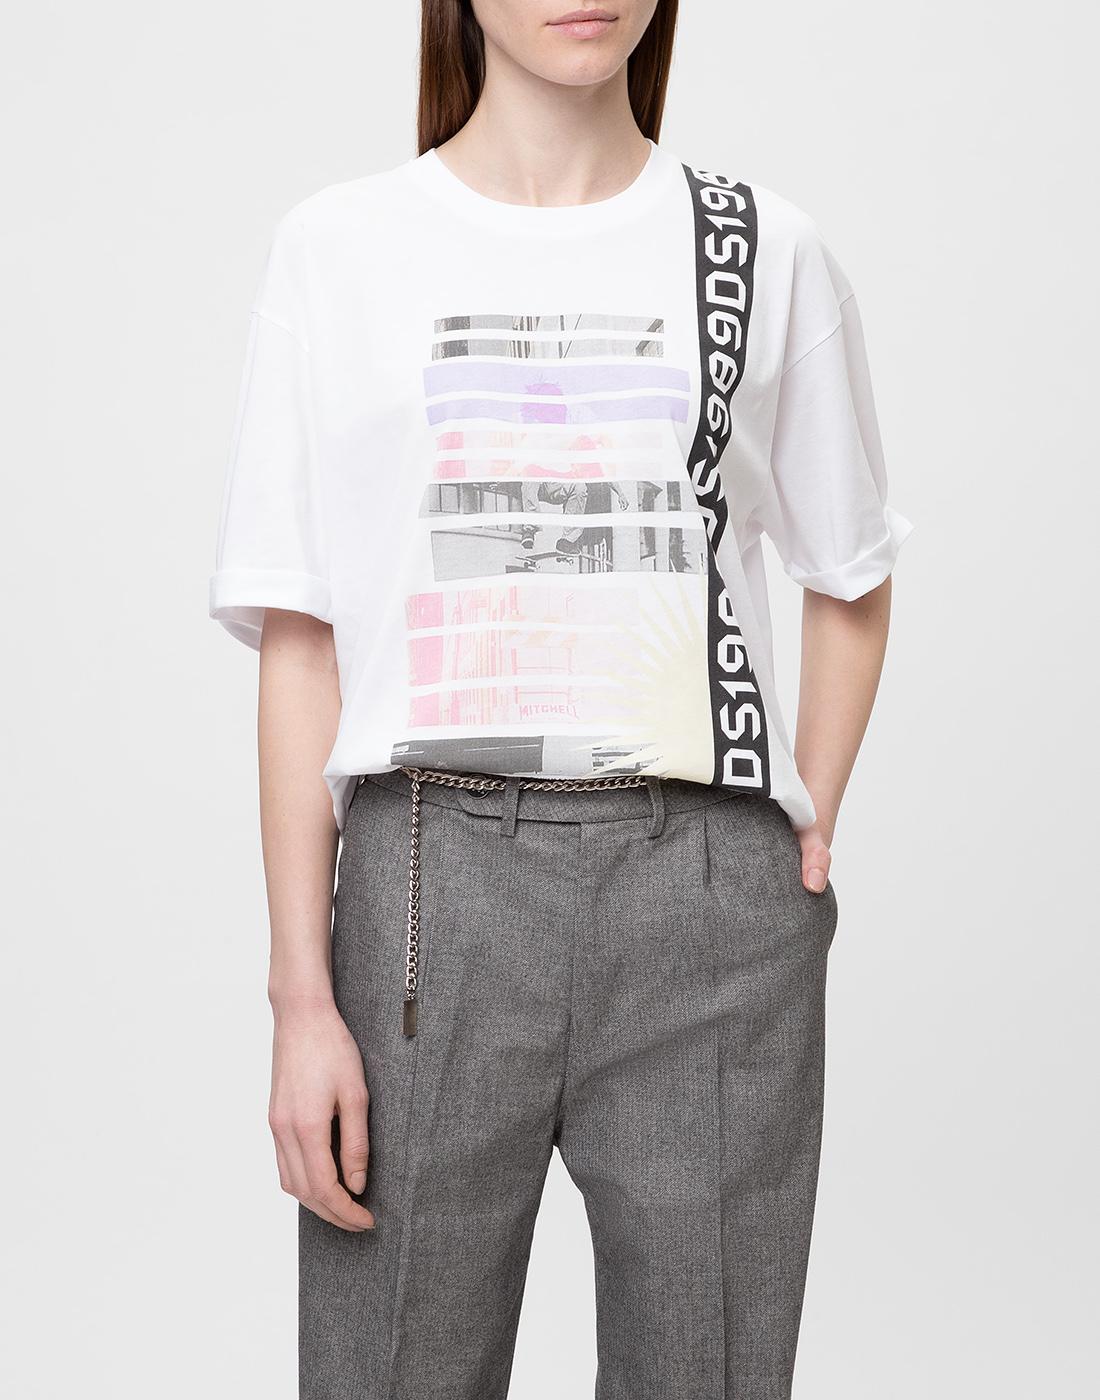 Женская белая футболка с принтом Dorothee Schumacher S623501/100-2